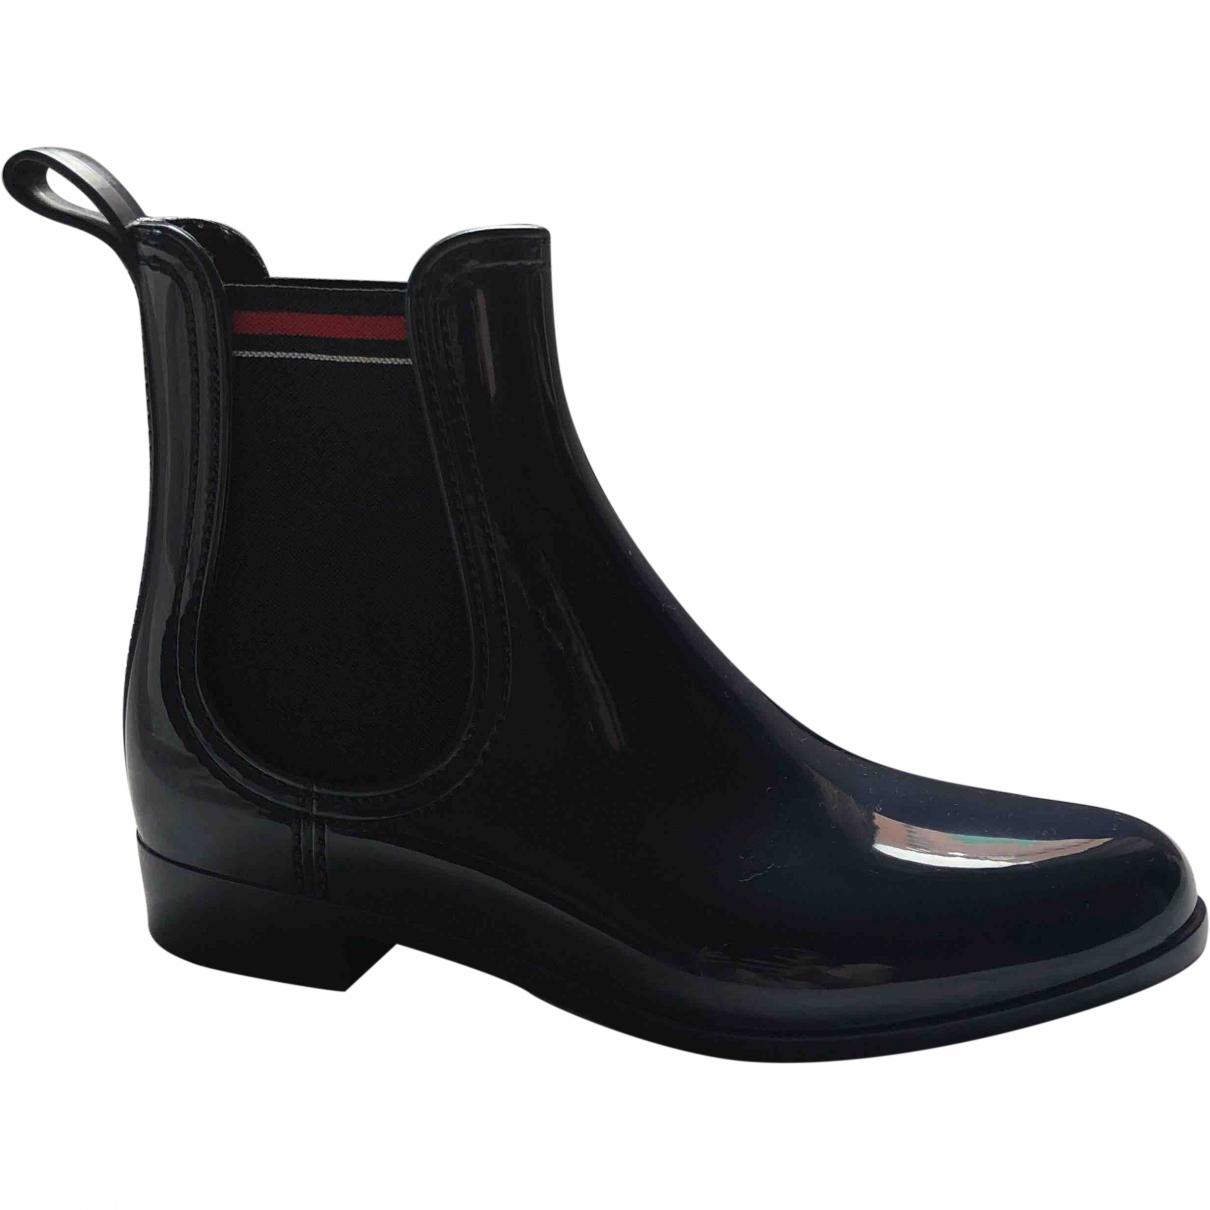 Gucci - Boots   pour femme - marine